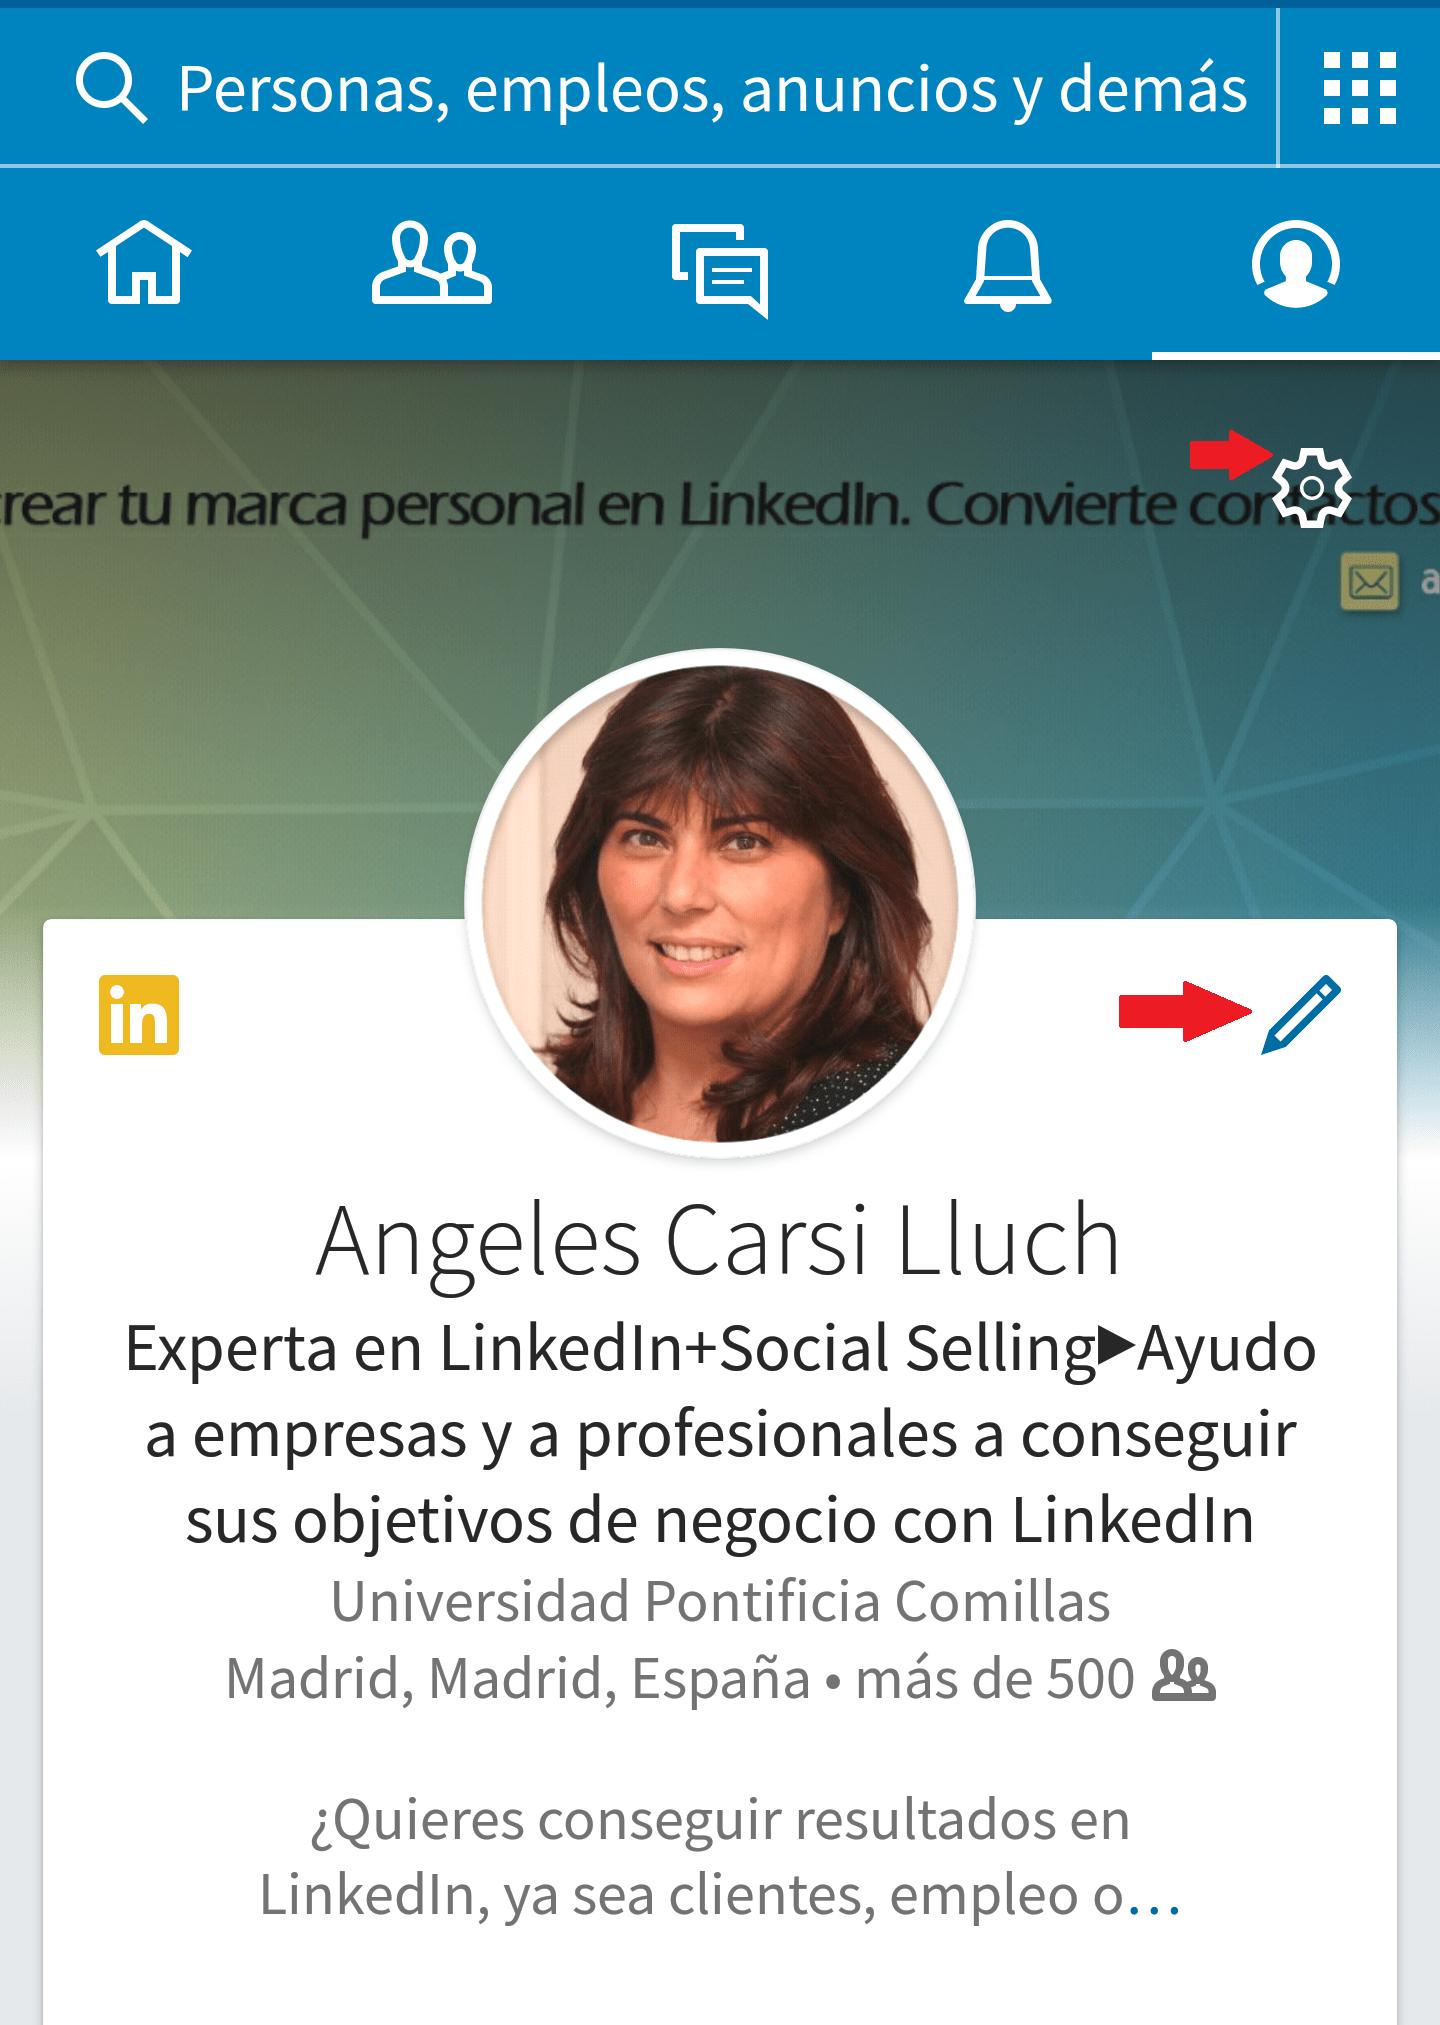 editar perfil de LinkedIn